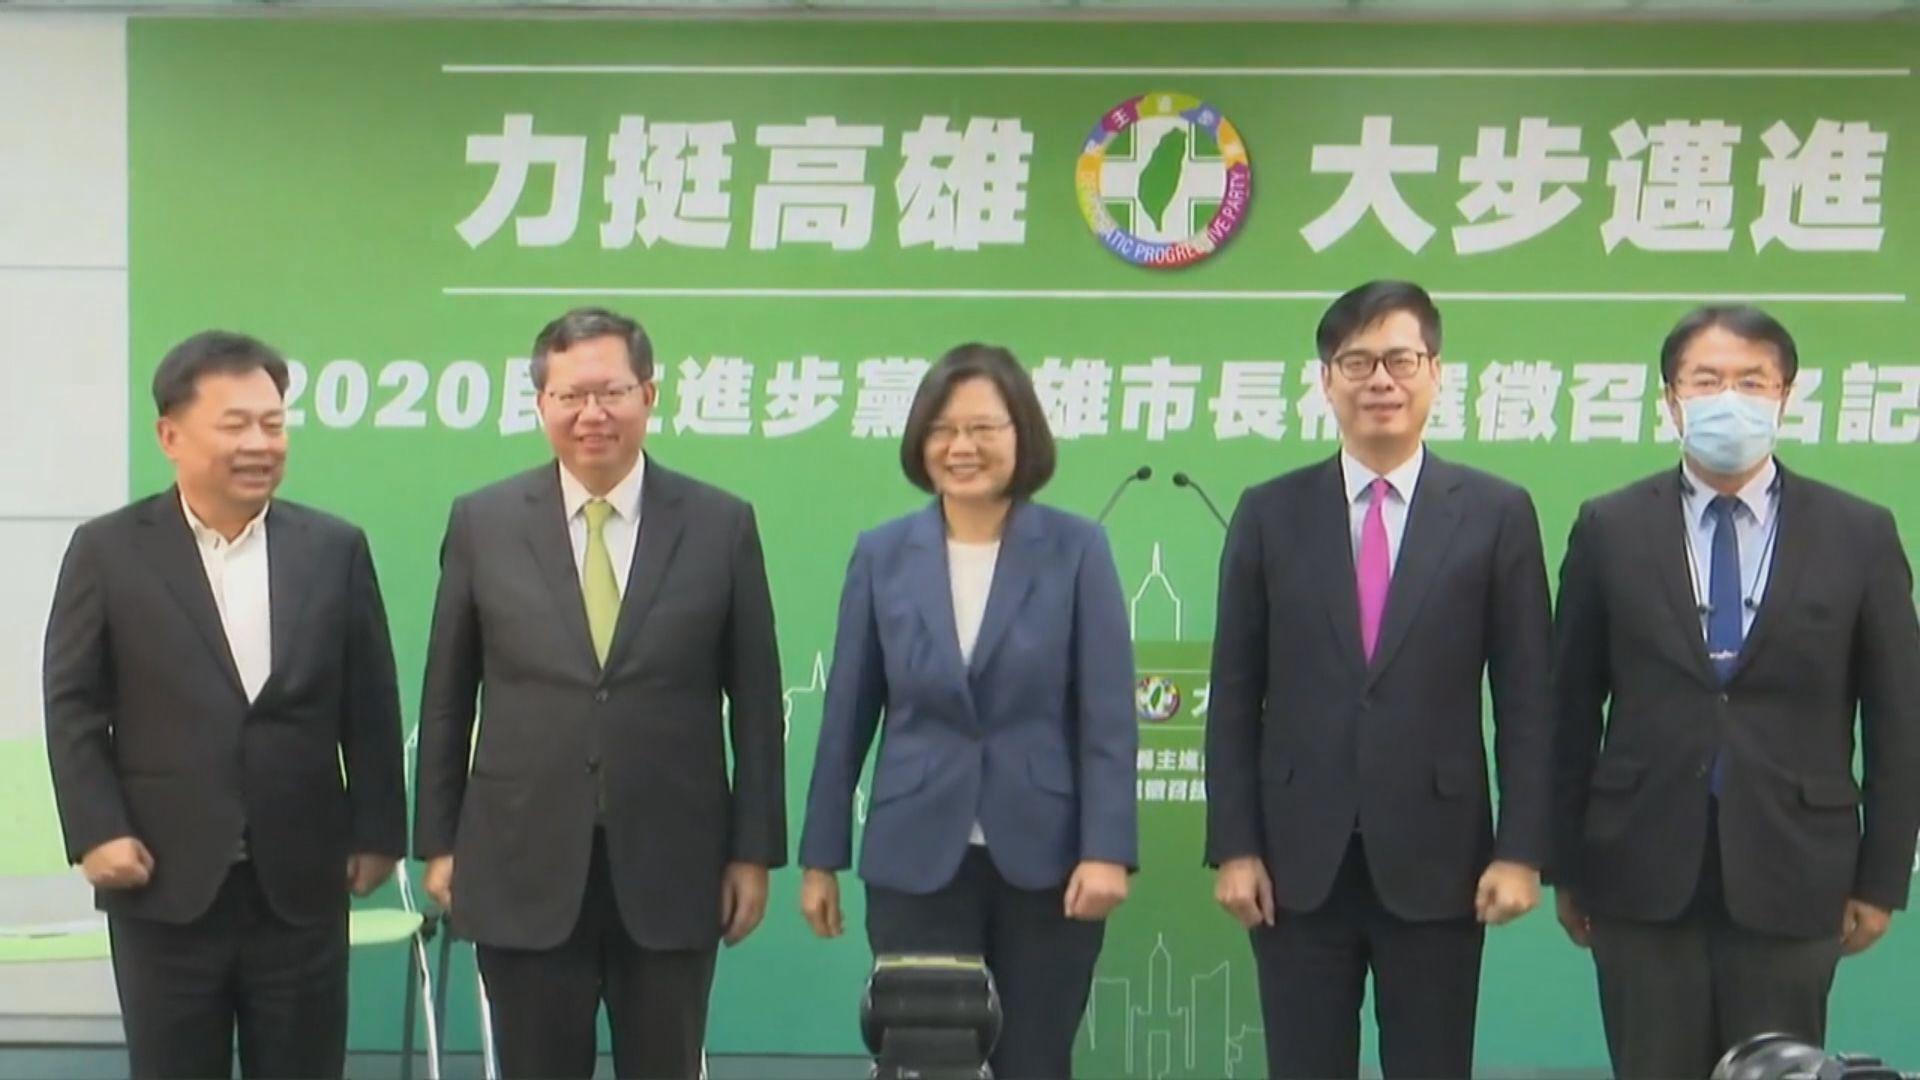 陳其邁任職行政院期間政績突出維持支持度